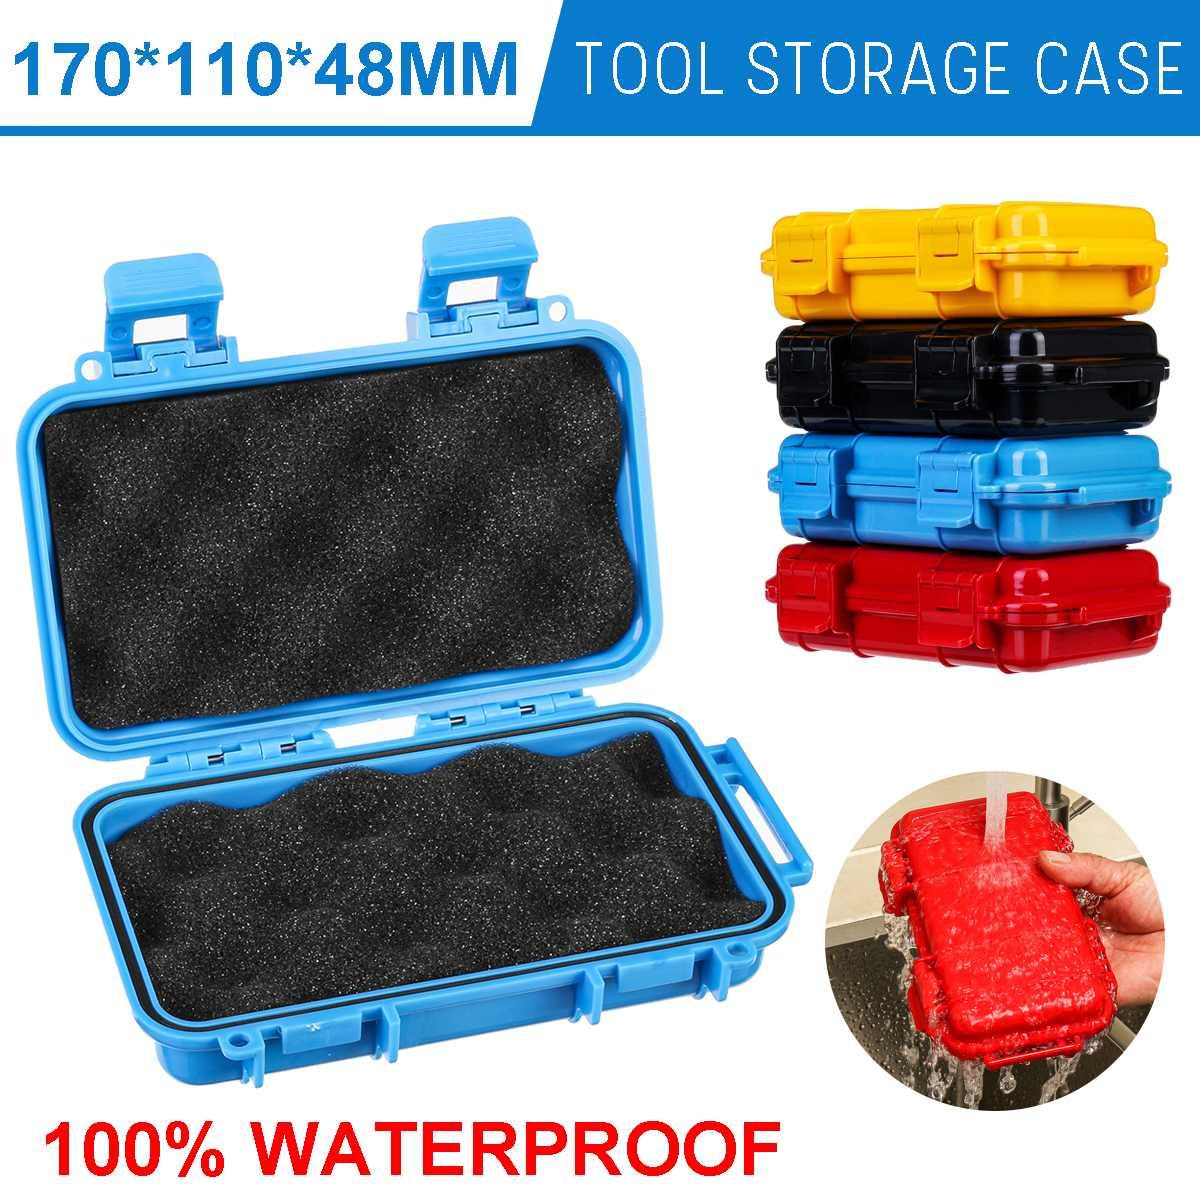 Открытый ударопрочный водонепроницаемый ящик с набором для выживания, 2 размера, герметичный чехол для хранения, инструменты для путешеств...